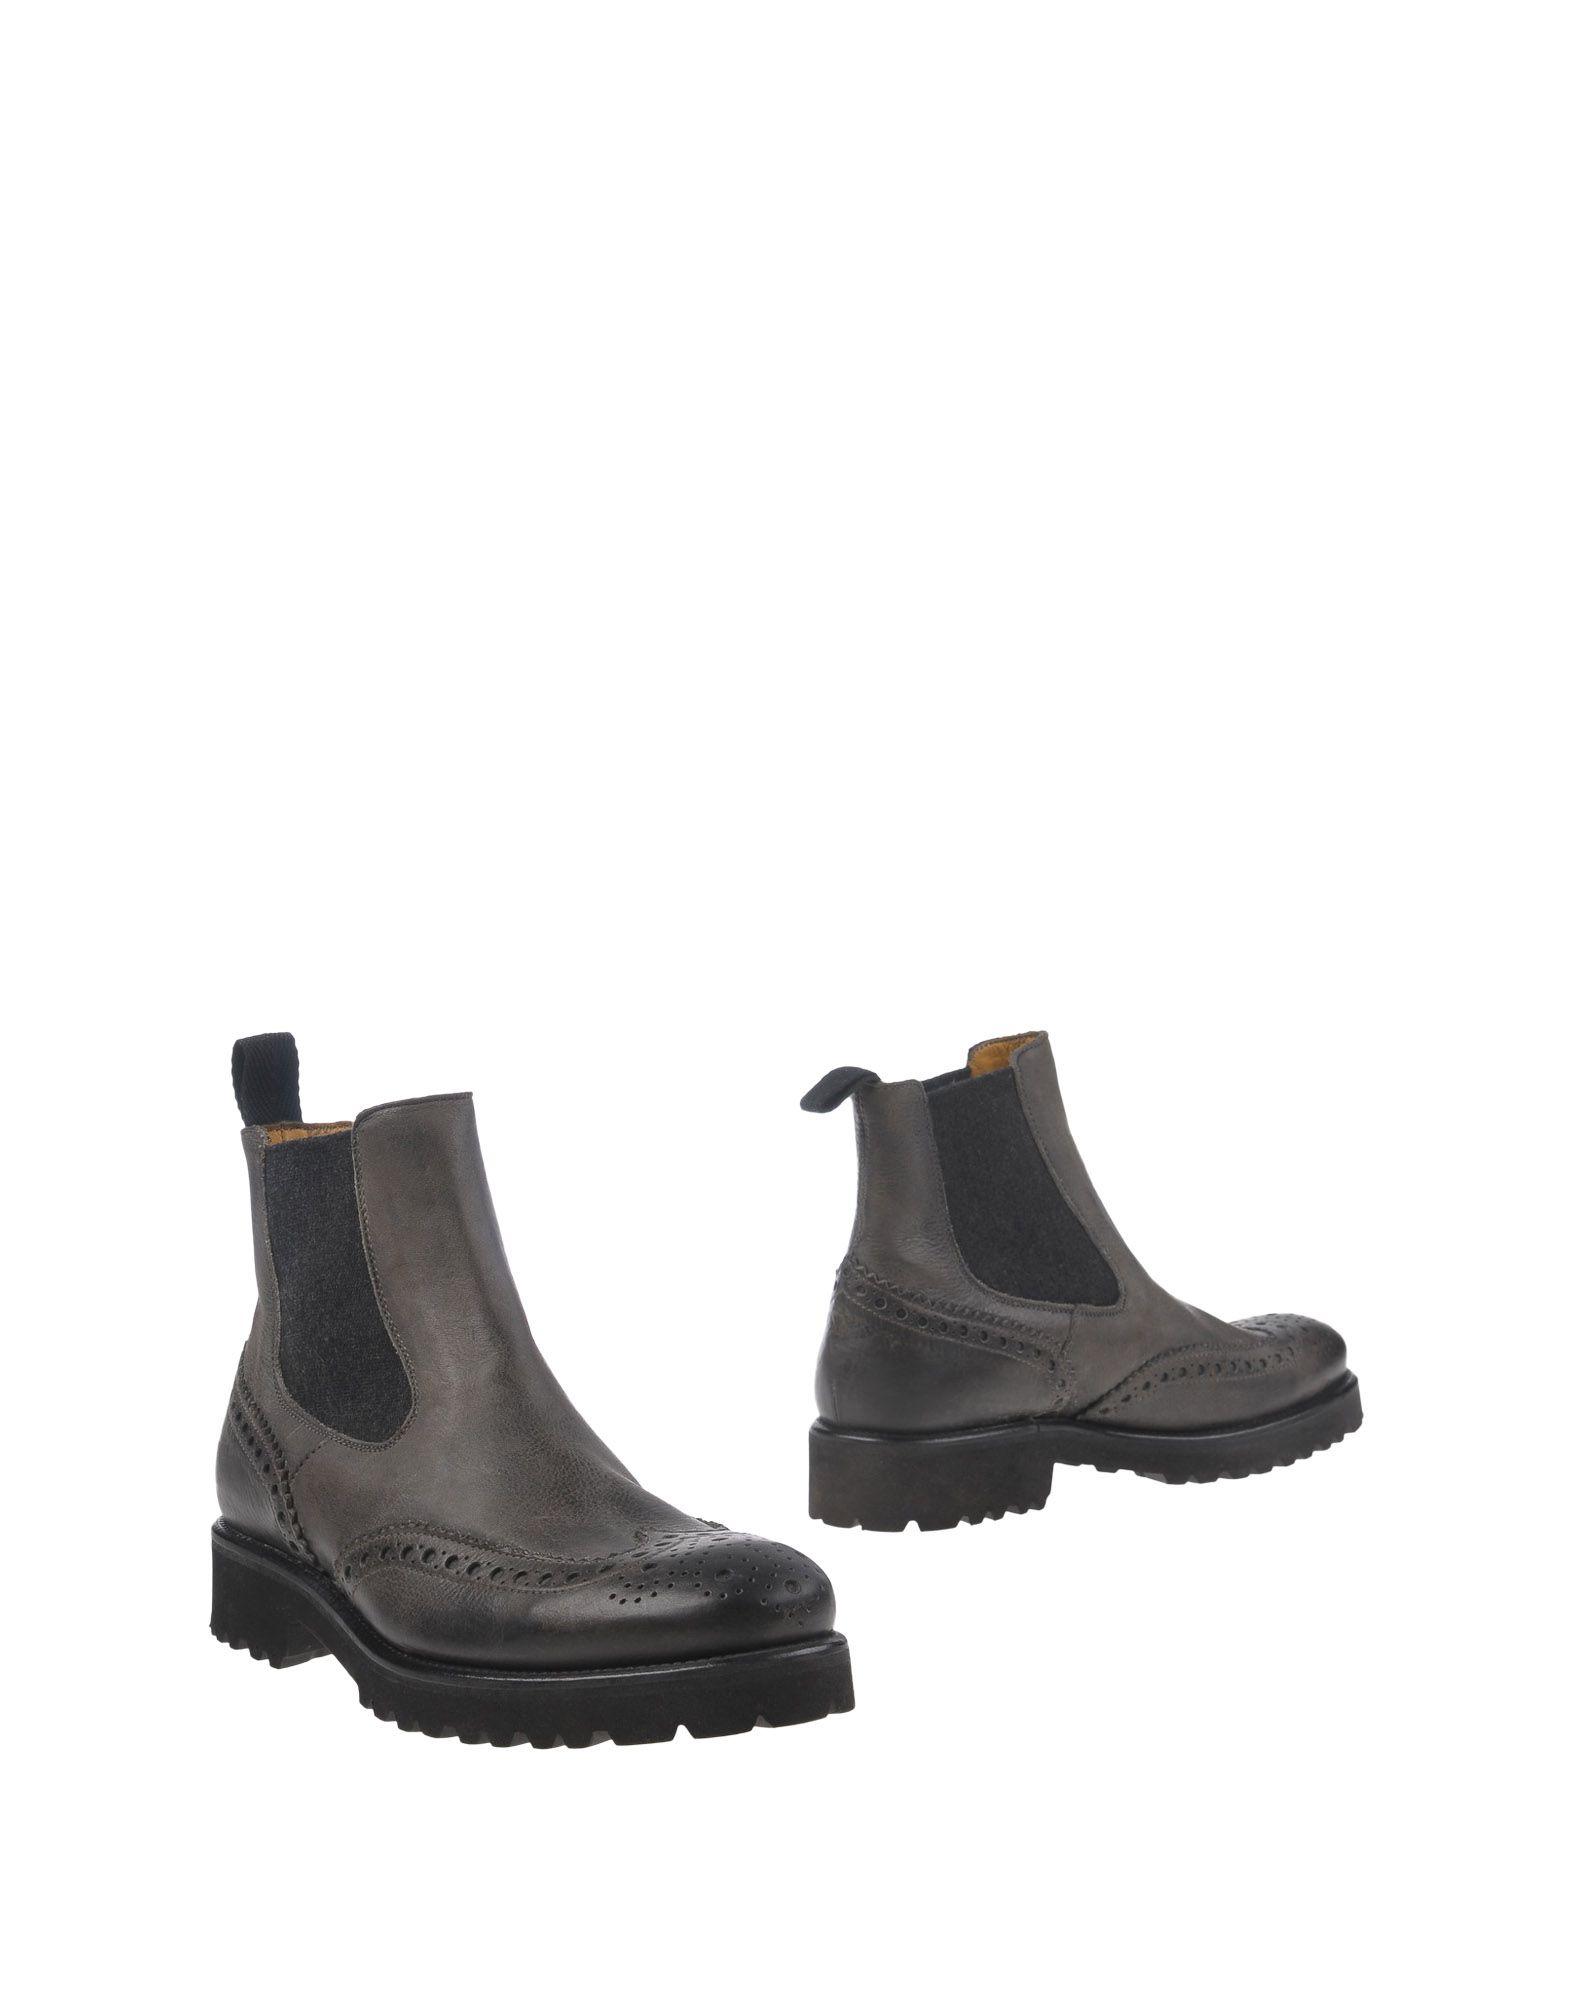 SEBOY'S Полусапоги и высокие ботинки купить футбольную форму челси торрес